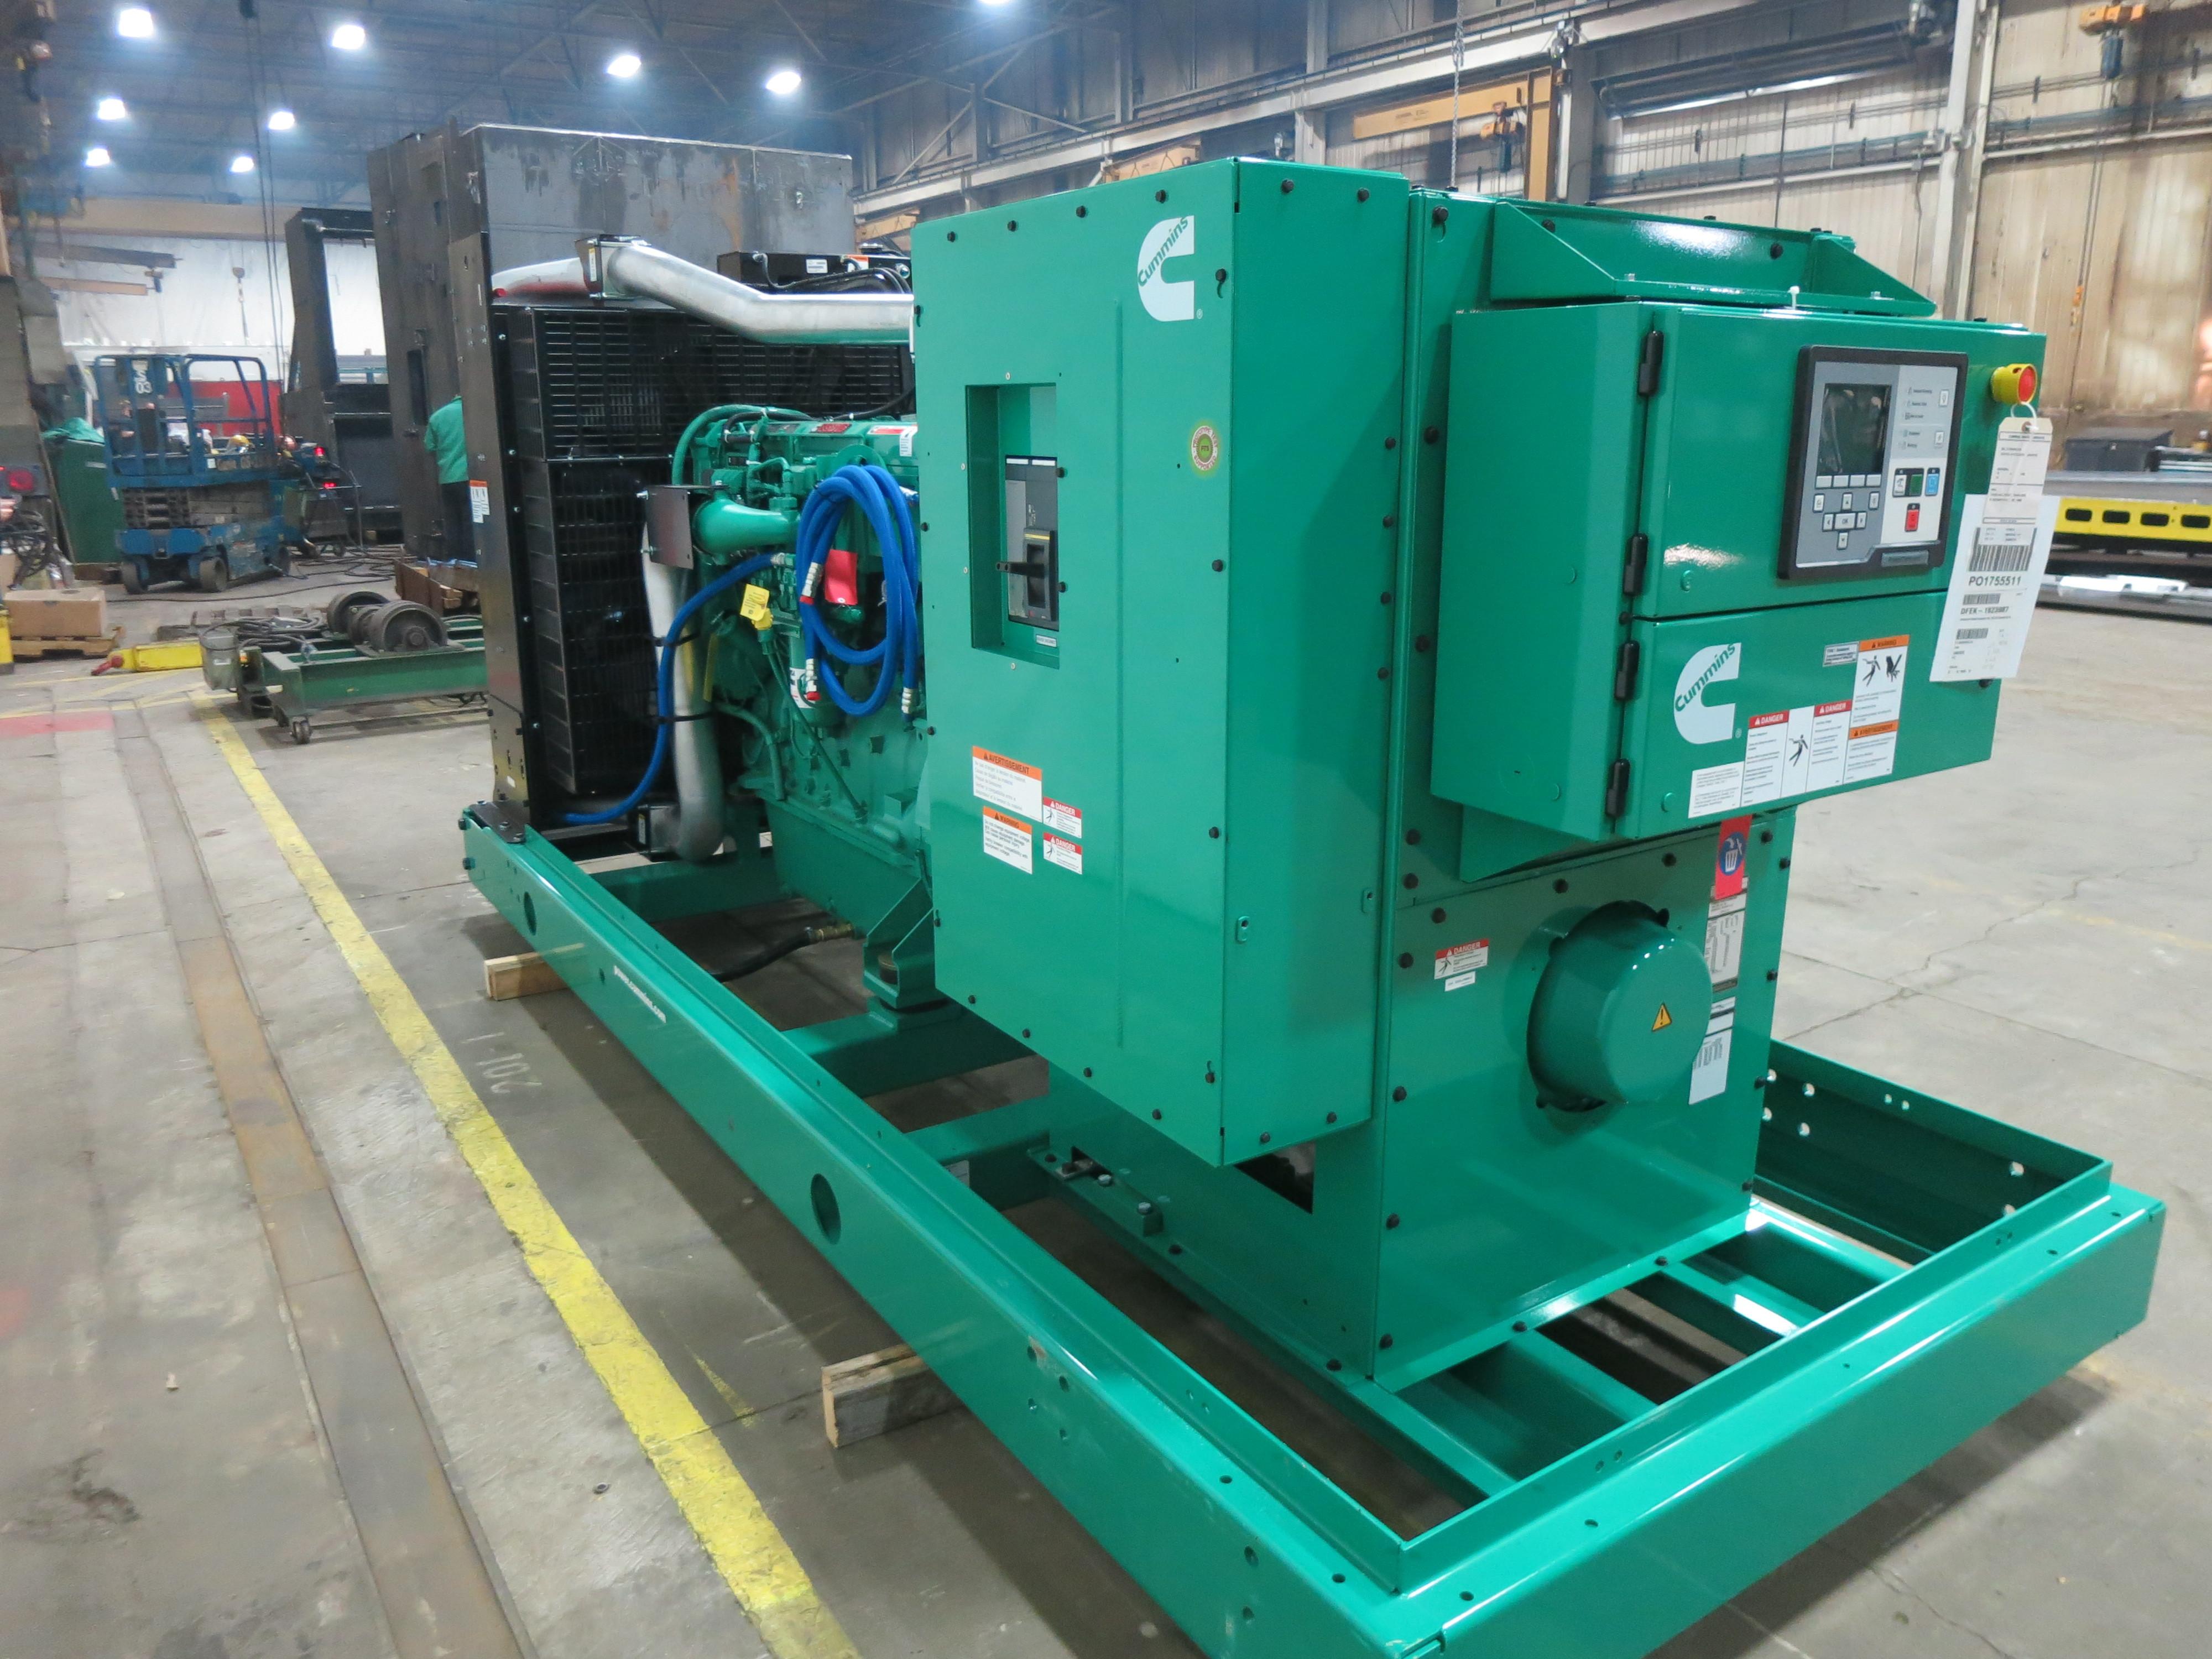 New Cummins Dfek Qsx15 G9 Nr2 Diesel Generator Epa Tier 2 500 Kw Wiring Diagram 0 Price Csdg